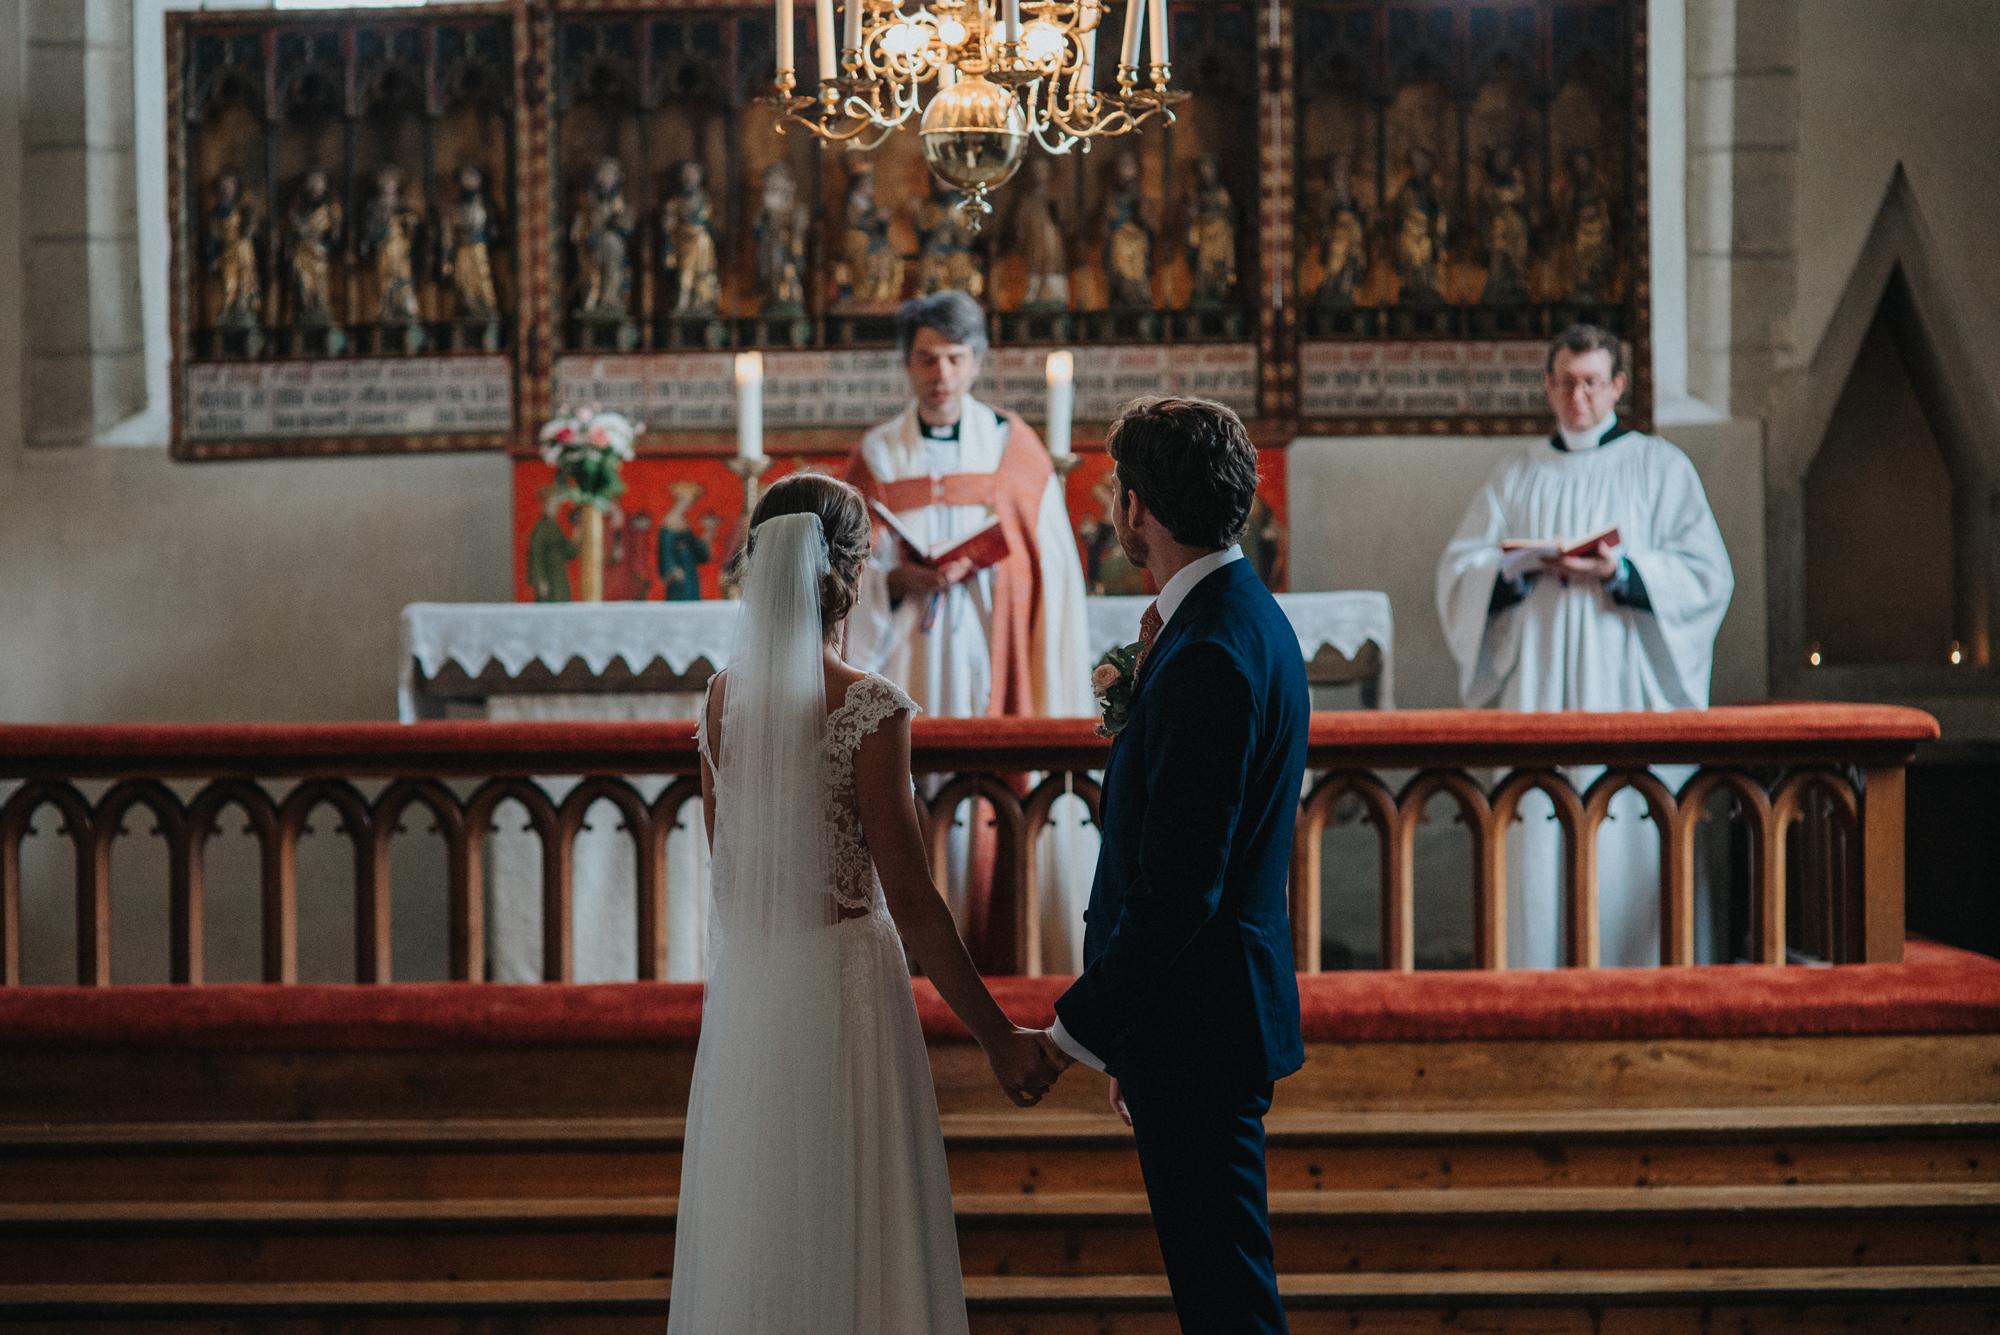 012-bröllopsfotograf-gotland-neas-fotografi.jpg